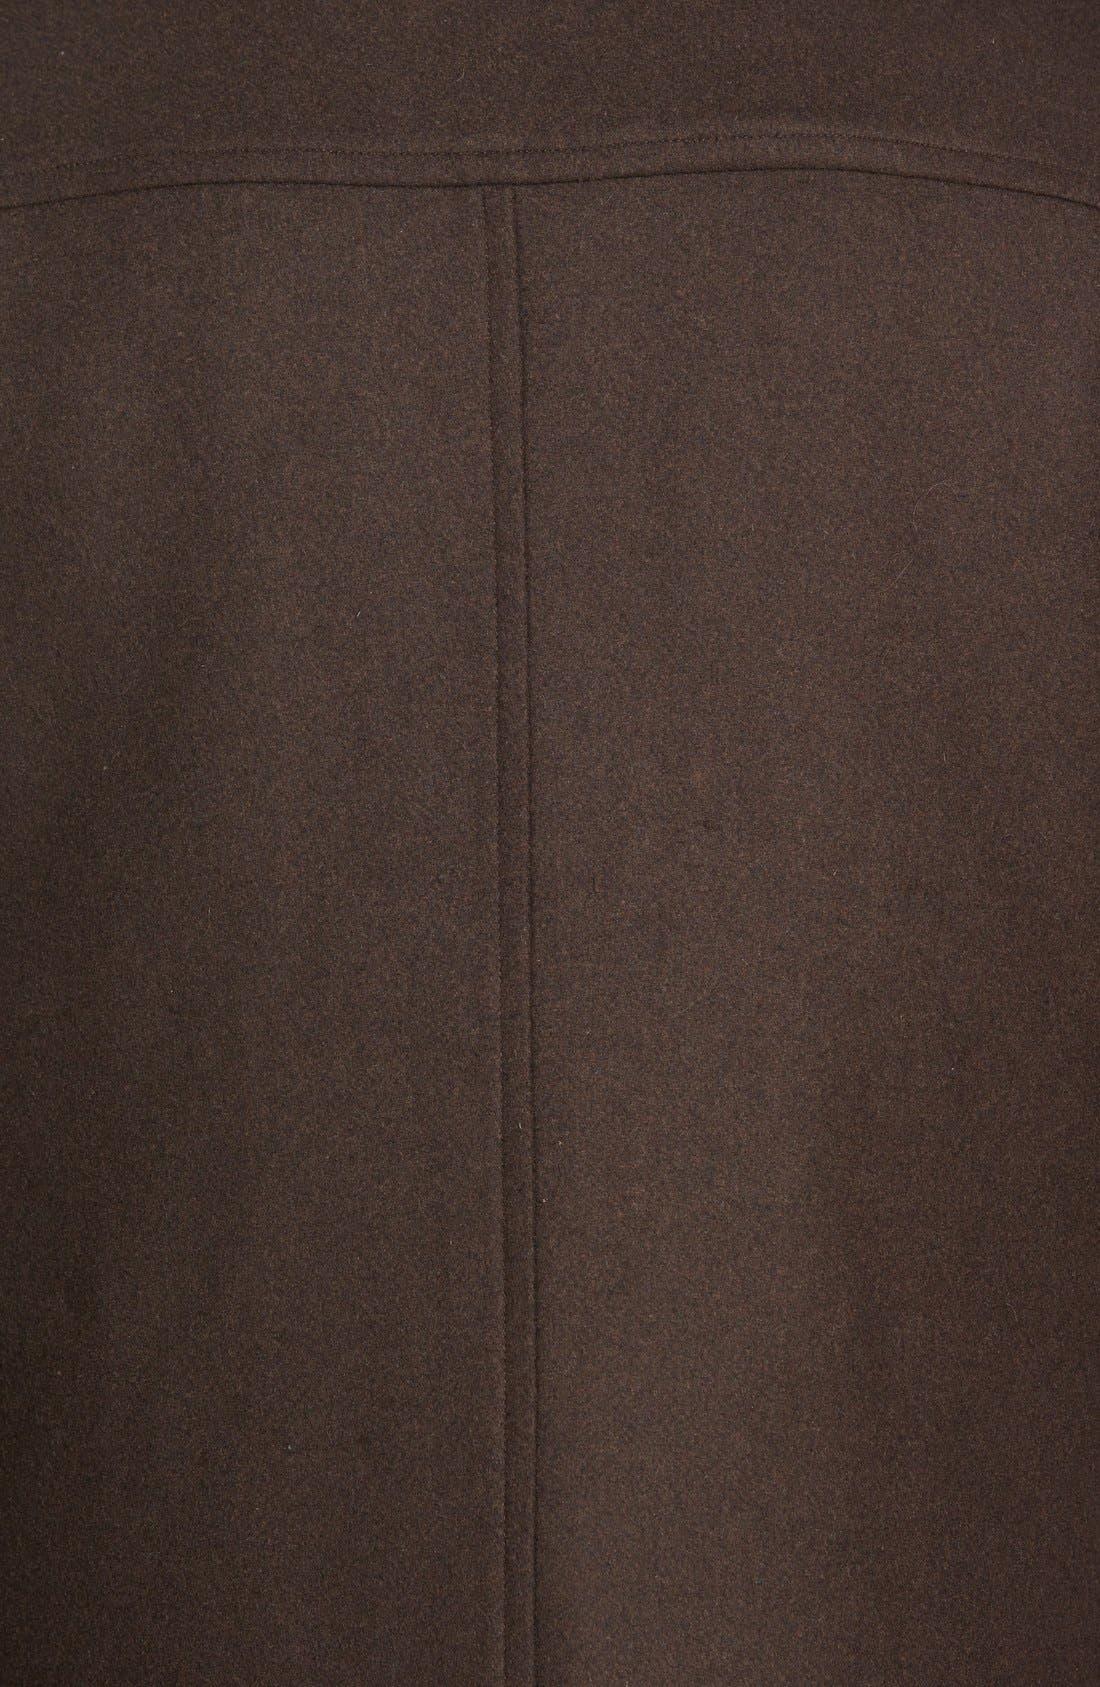 'Westown' 3-in-1 Wool Blend Coat,                             Alternate thumbnail 10, color,